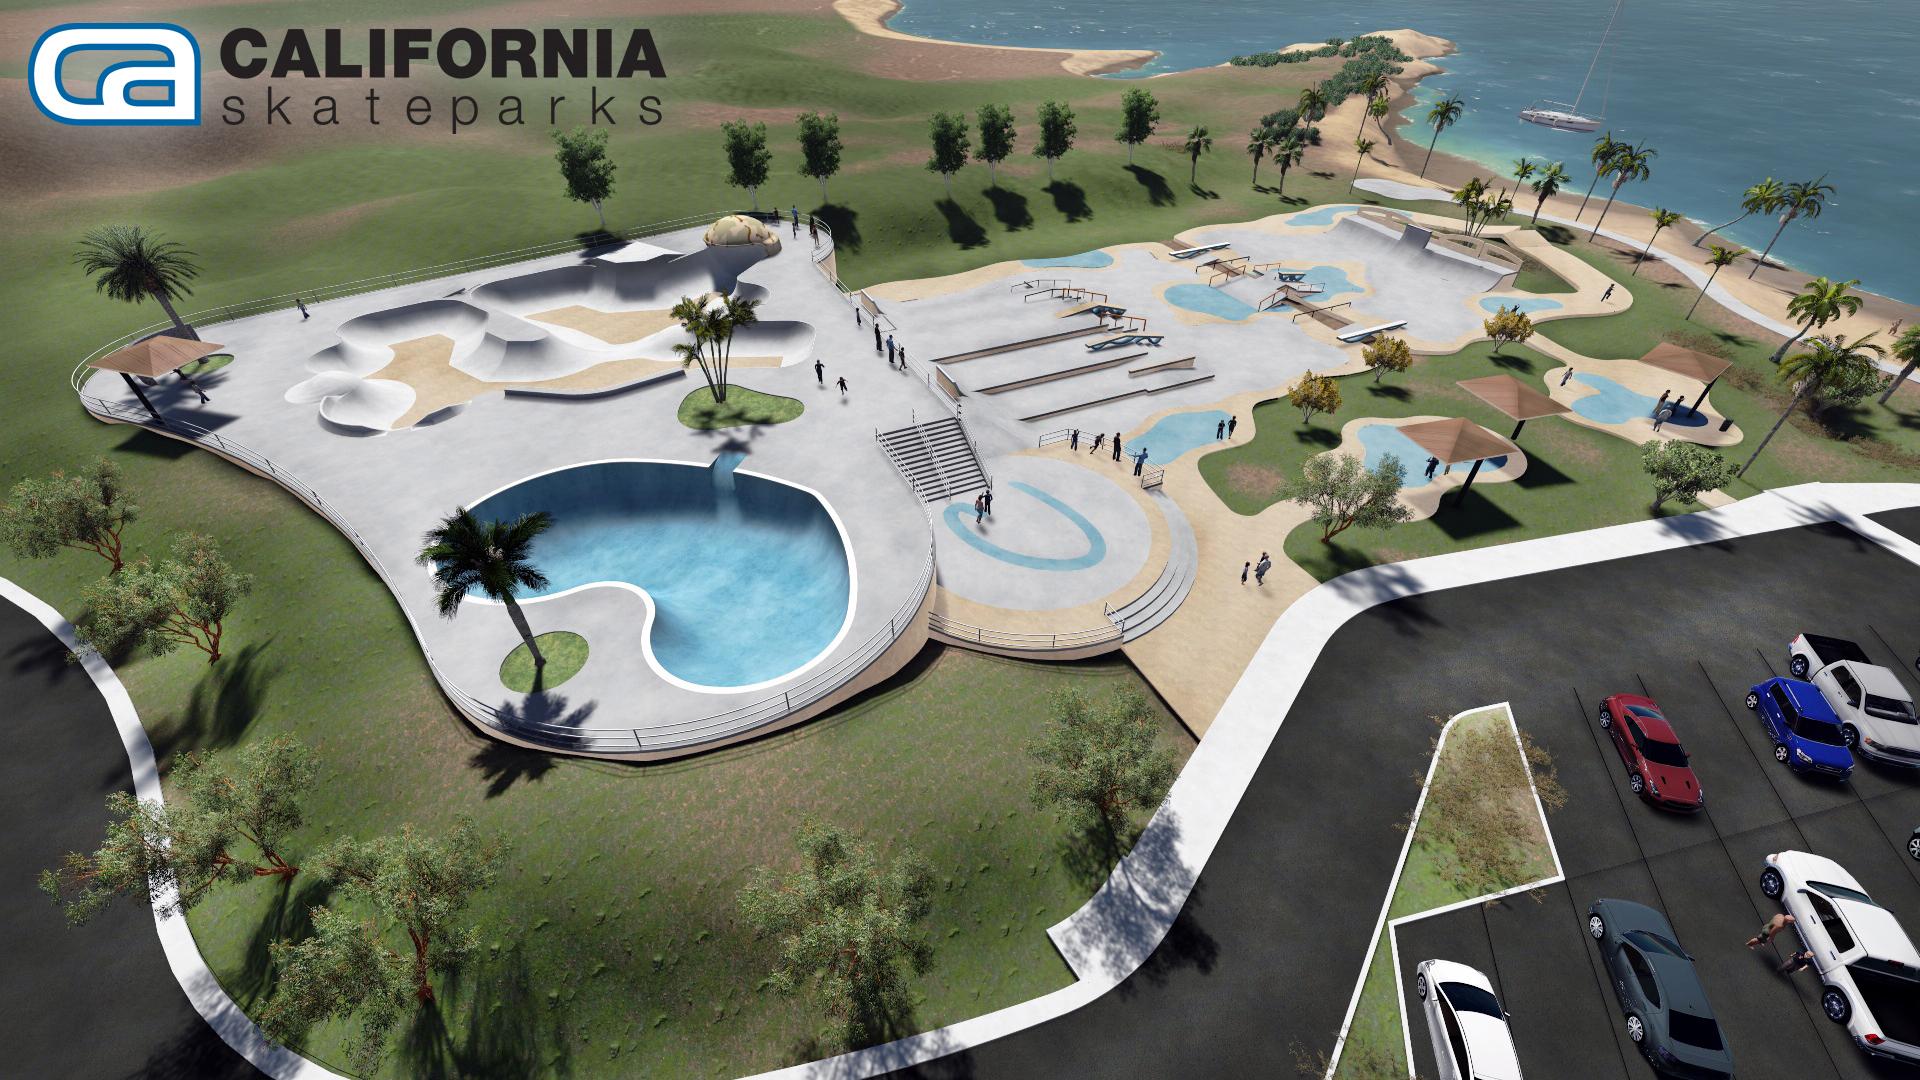 California Skateparks rendering for the Tinnell Memorial Skate Park. Lake Havasu City, Ariz. Photo Credit: @MRZ